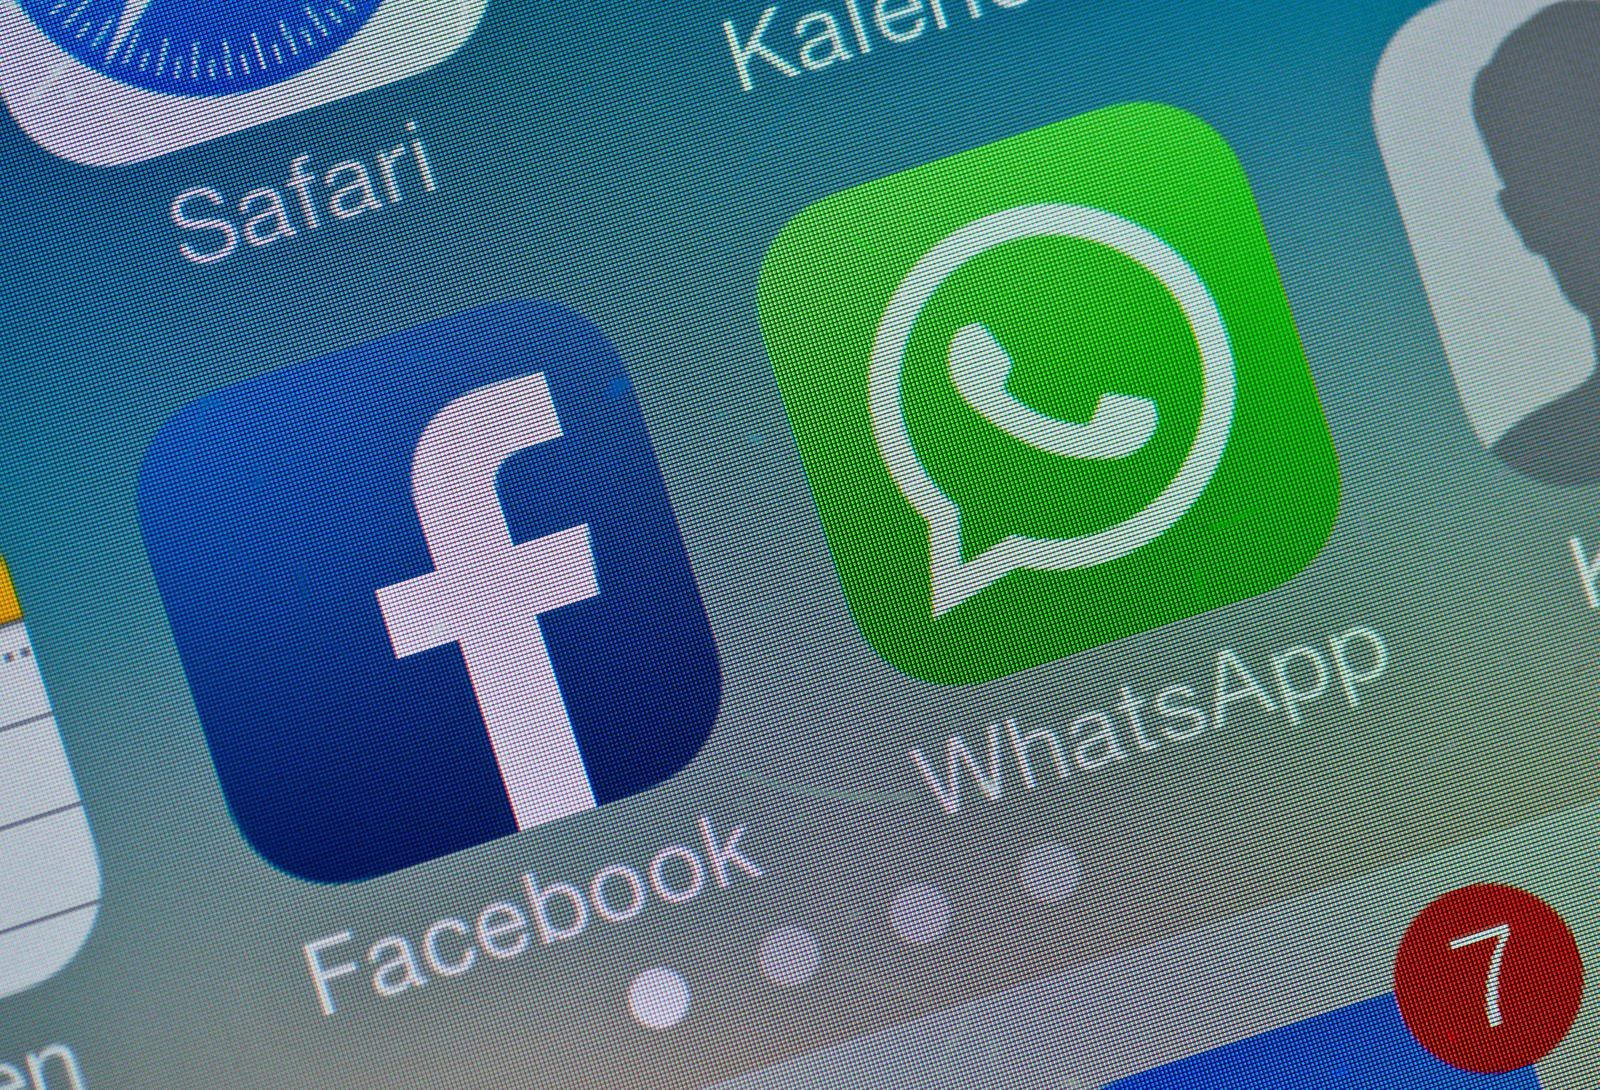 Prozess wegen Facebook-Post zu Anschlag von Christchurch